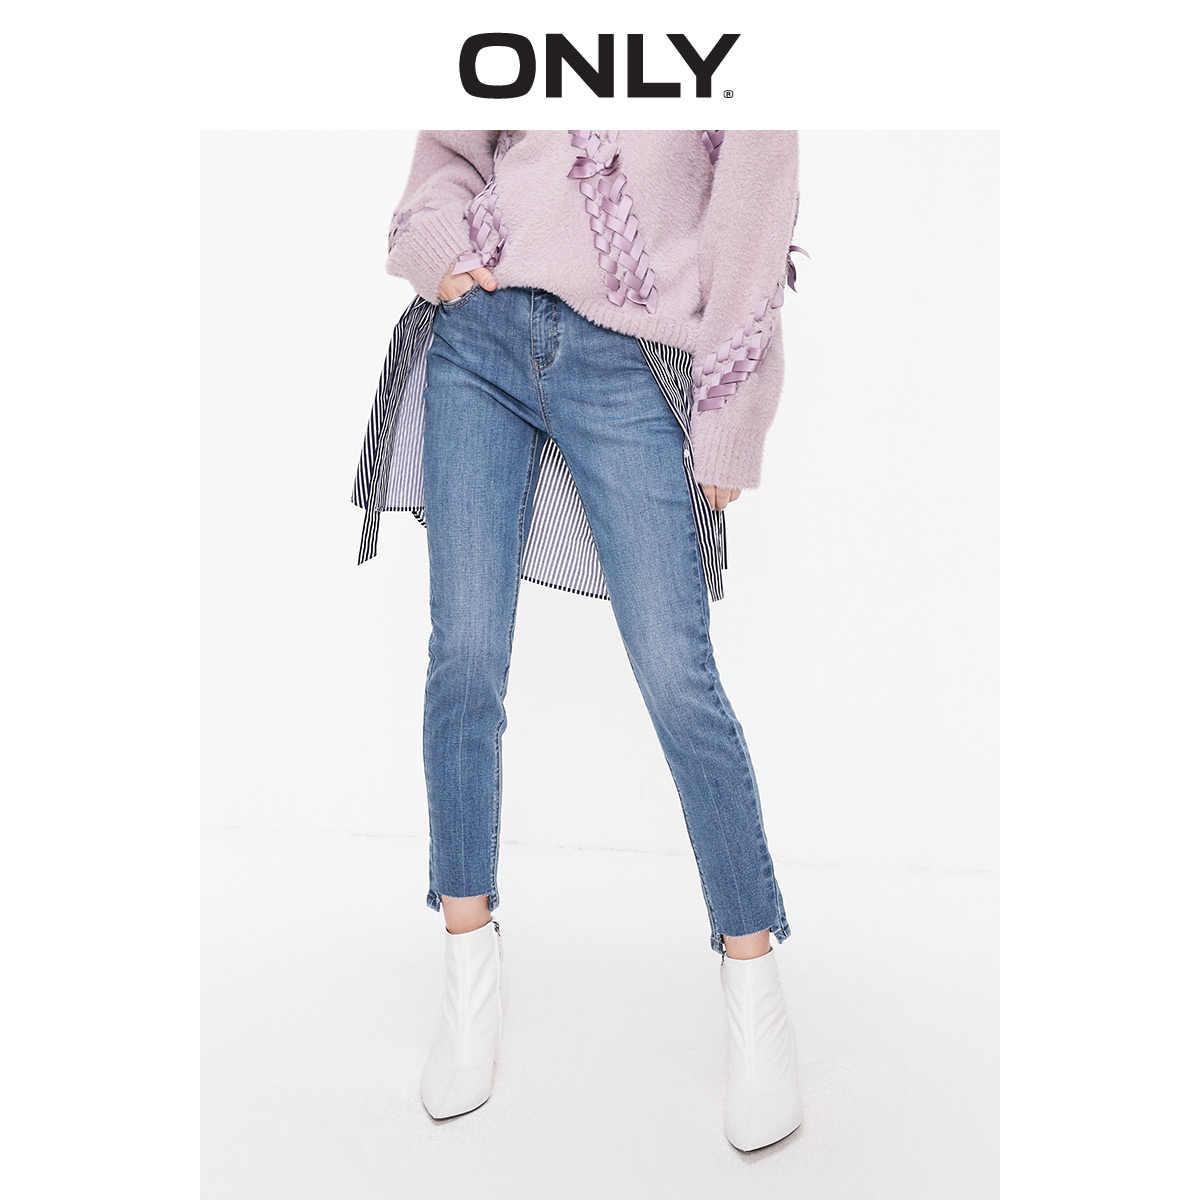 Только весенне-летние новые женские джинсы с низкой посадкой | 119149527